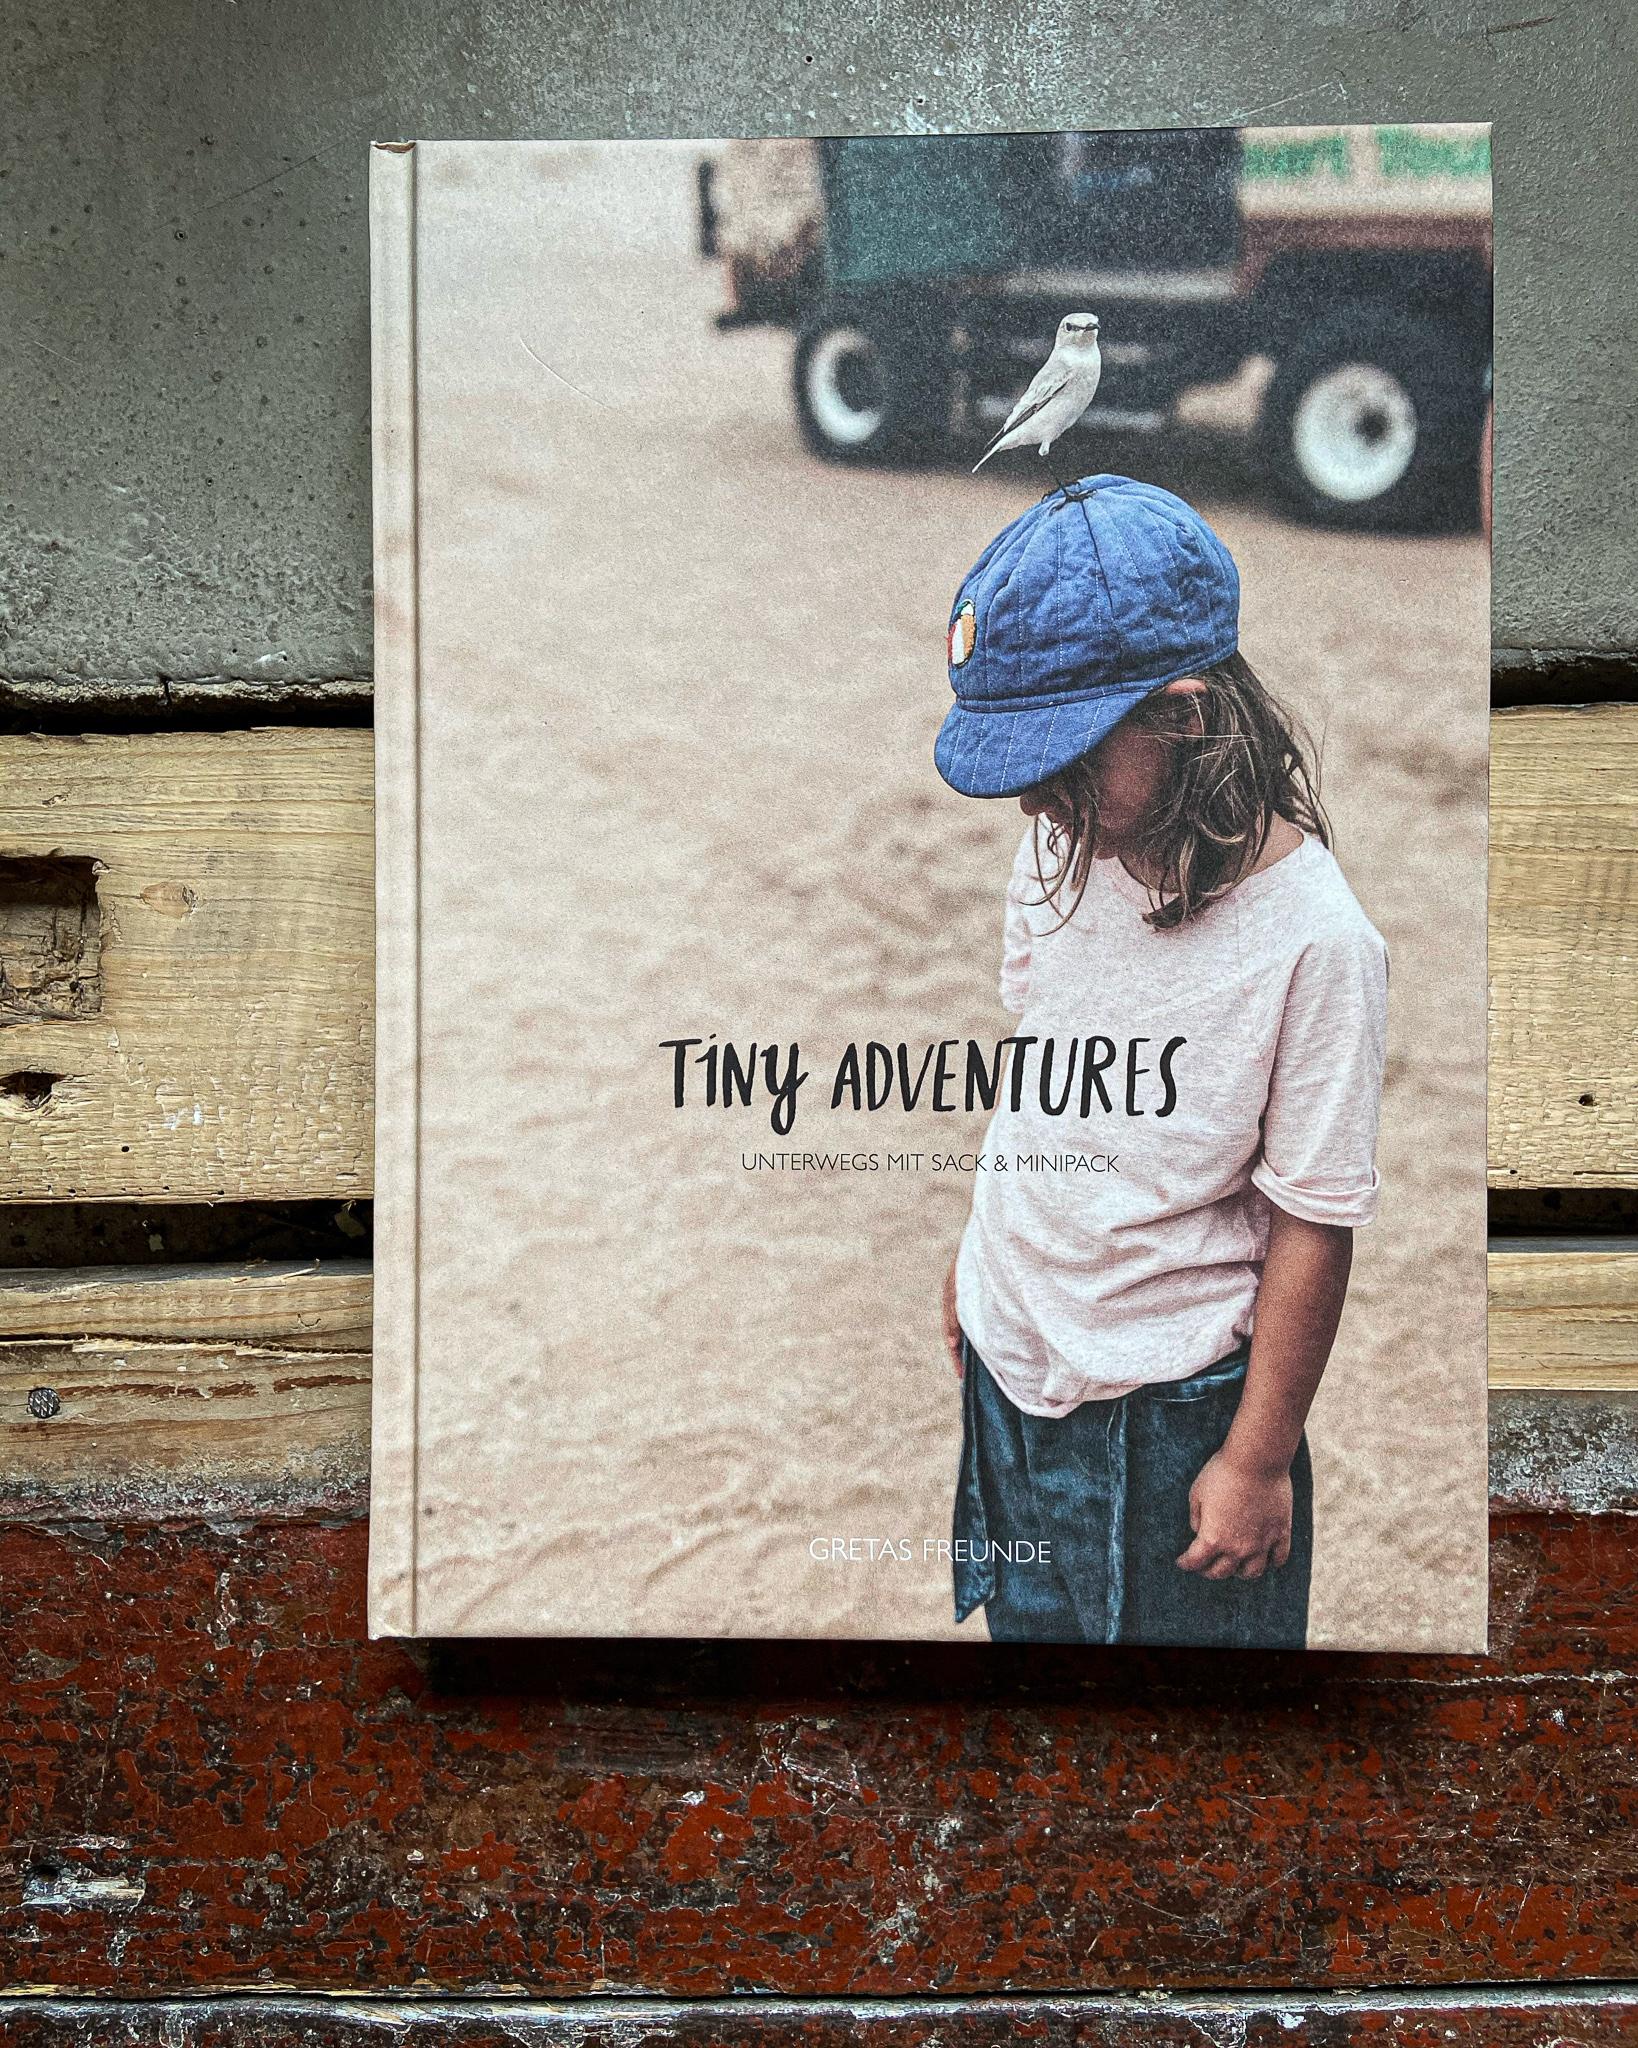 Tiny Adventures